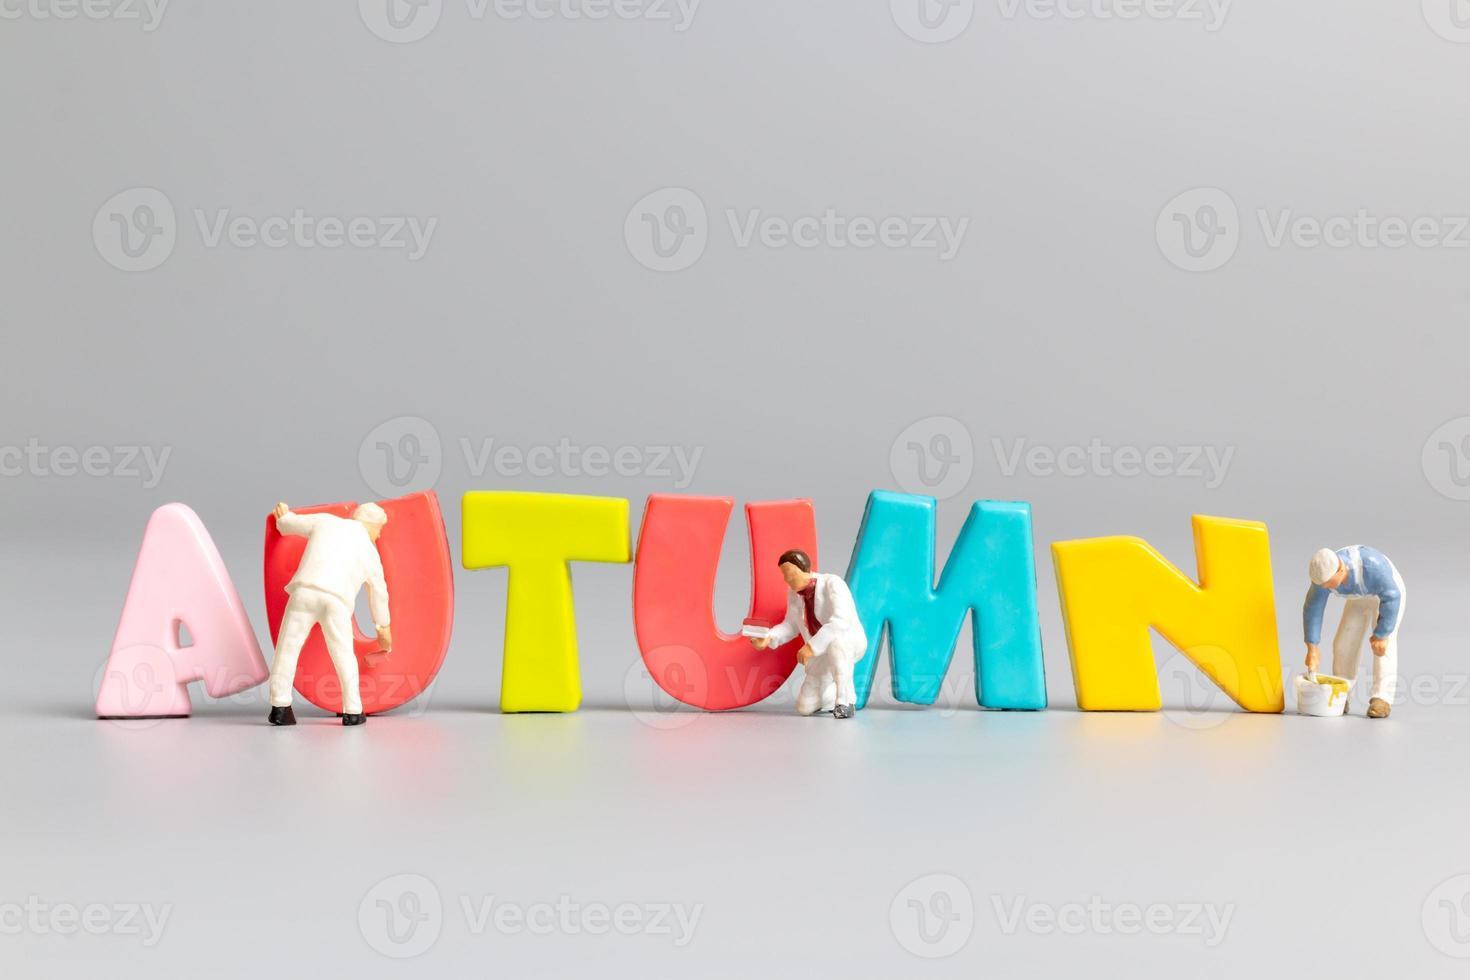 miniatyr människor arbetare team målning av hösten med plats för text foto